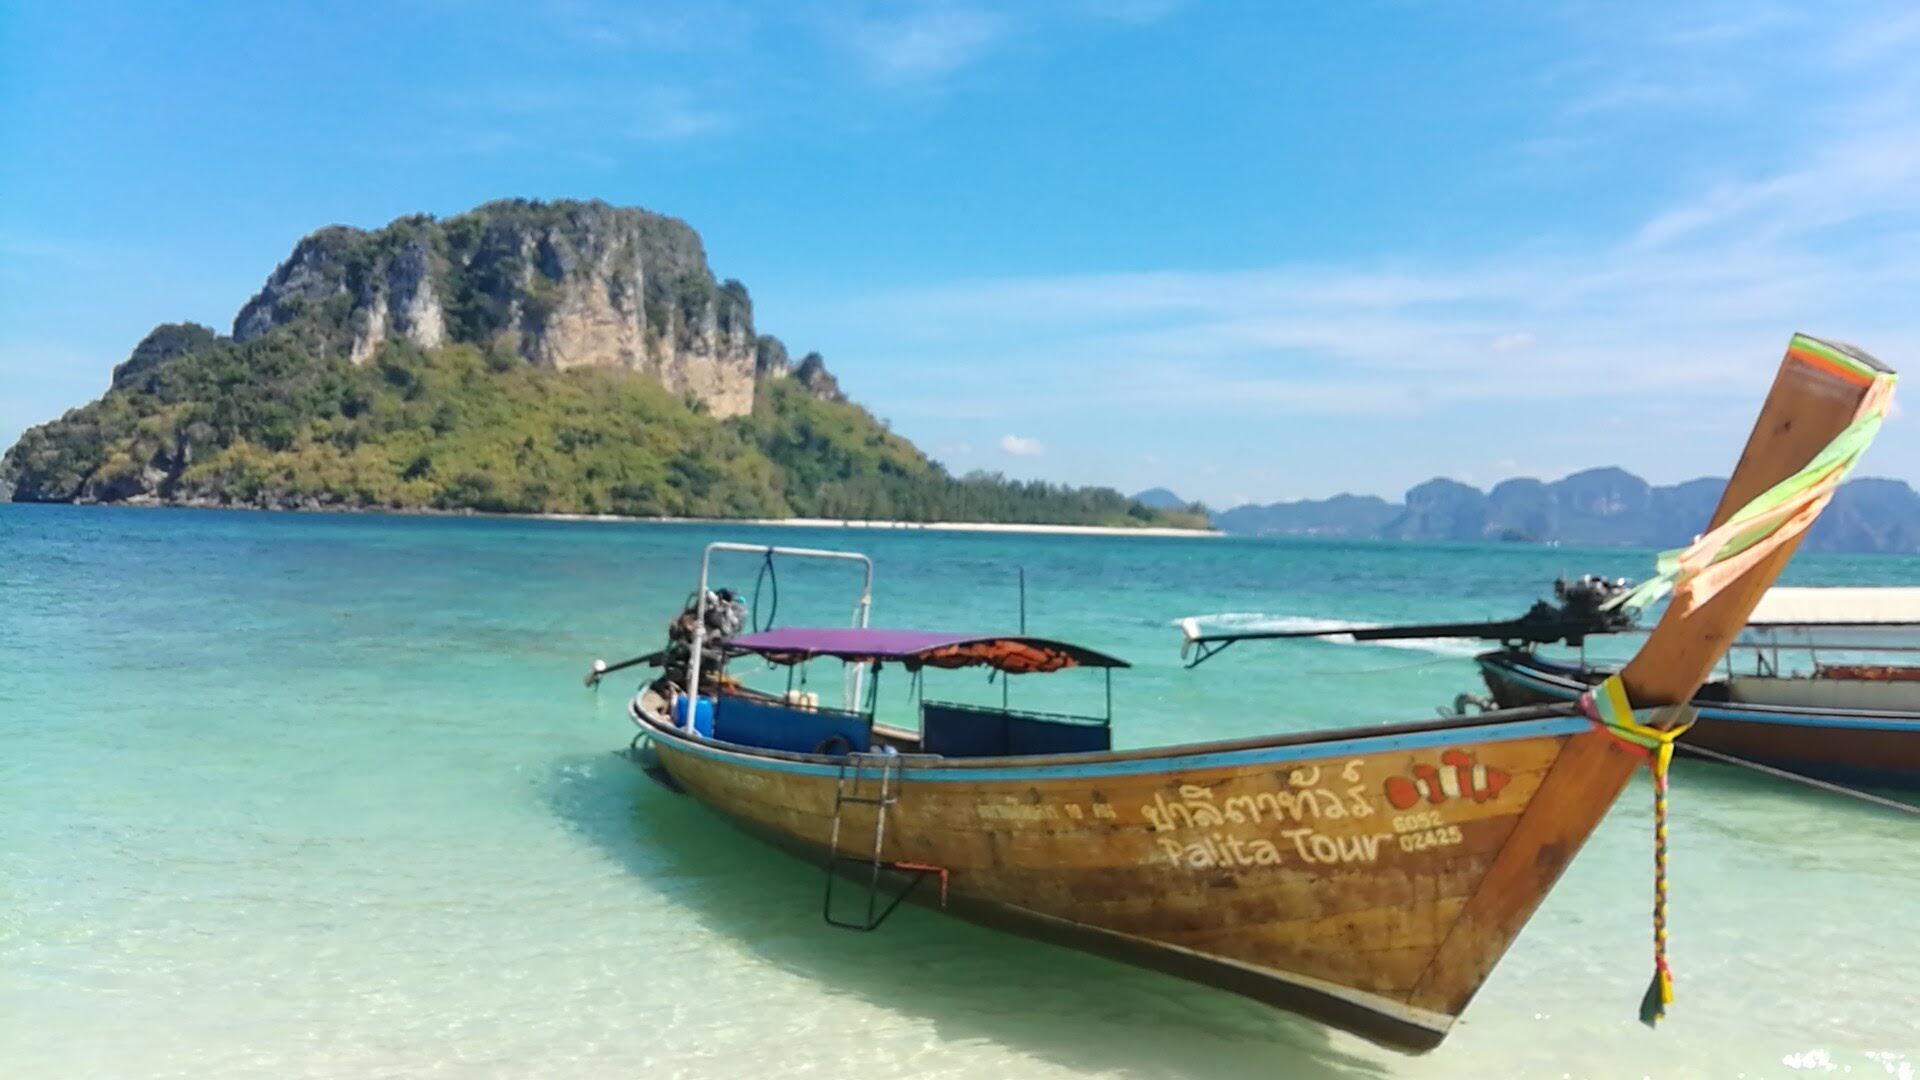 岛地�_泰國甲米/喀比4天3夜攻略大公開DAY-2陽光·海灘·比堅尼